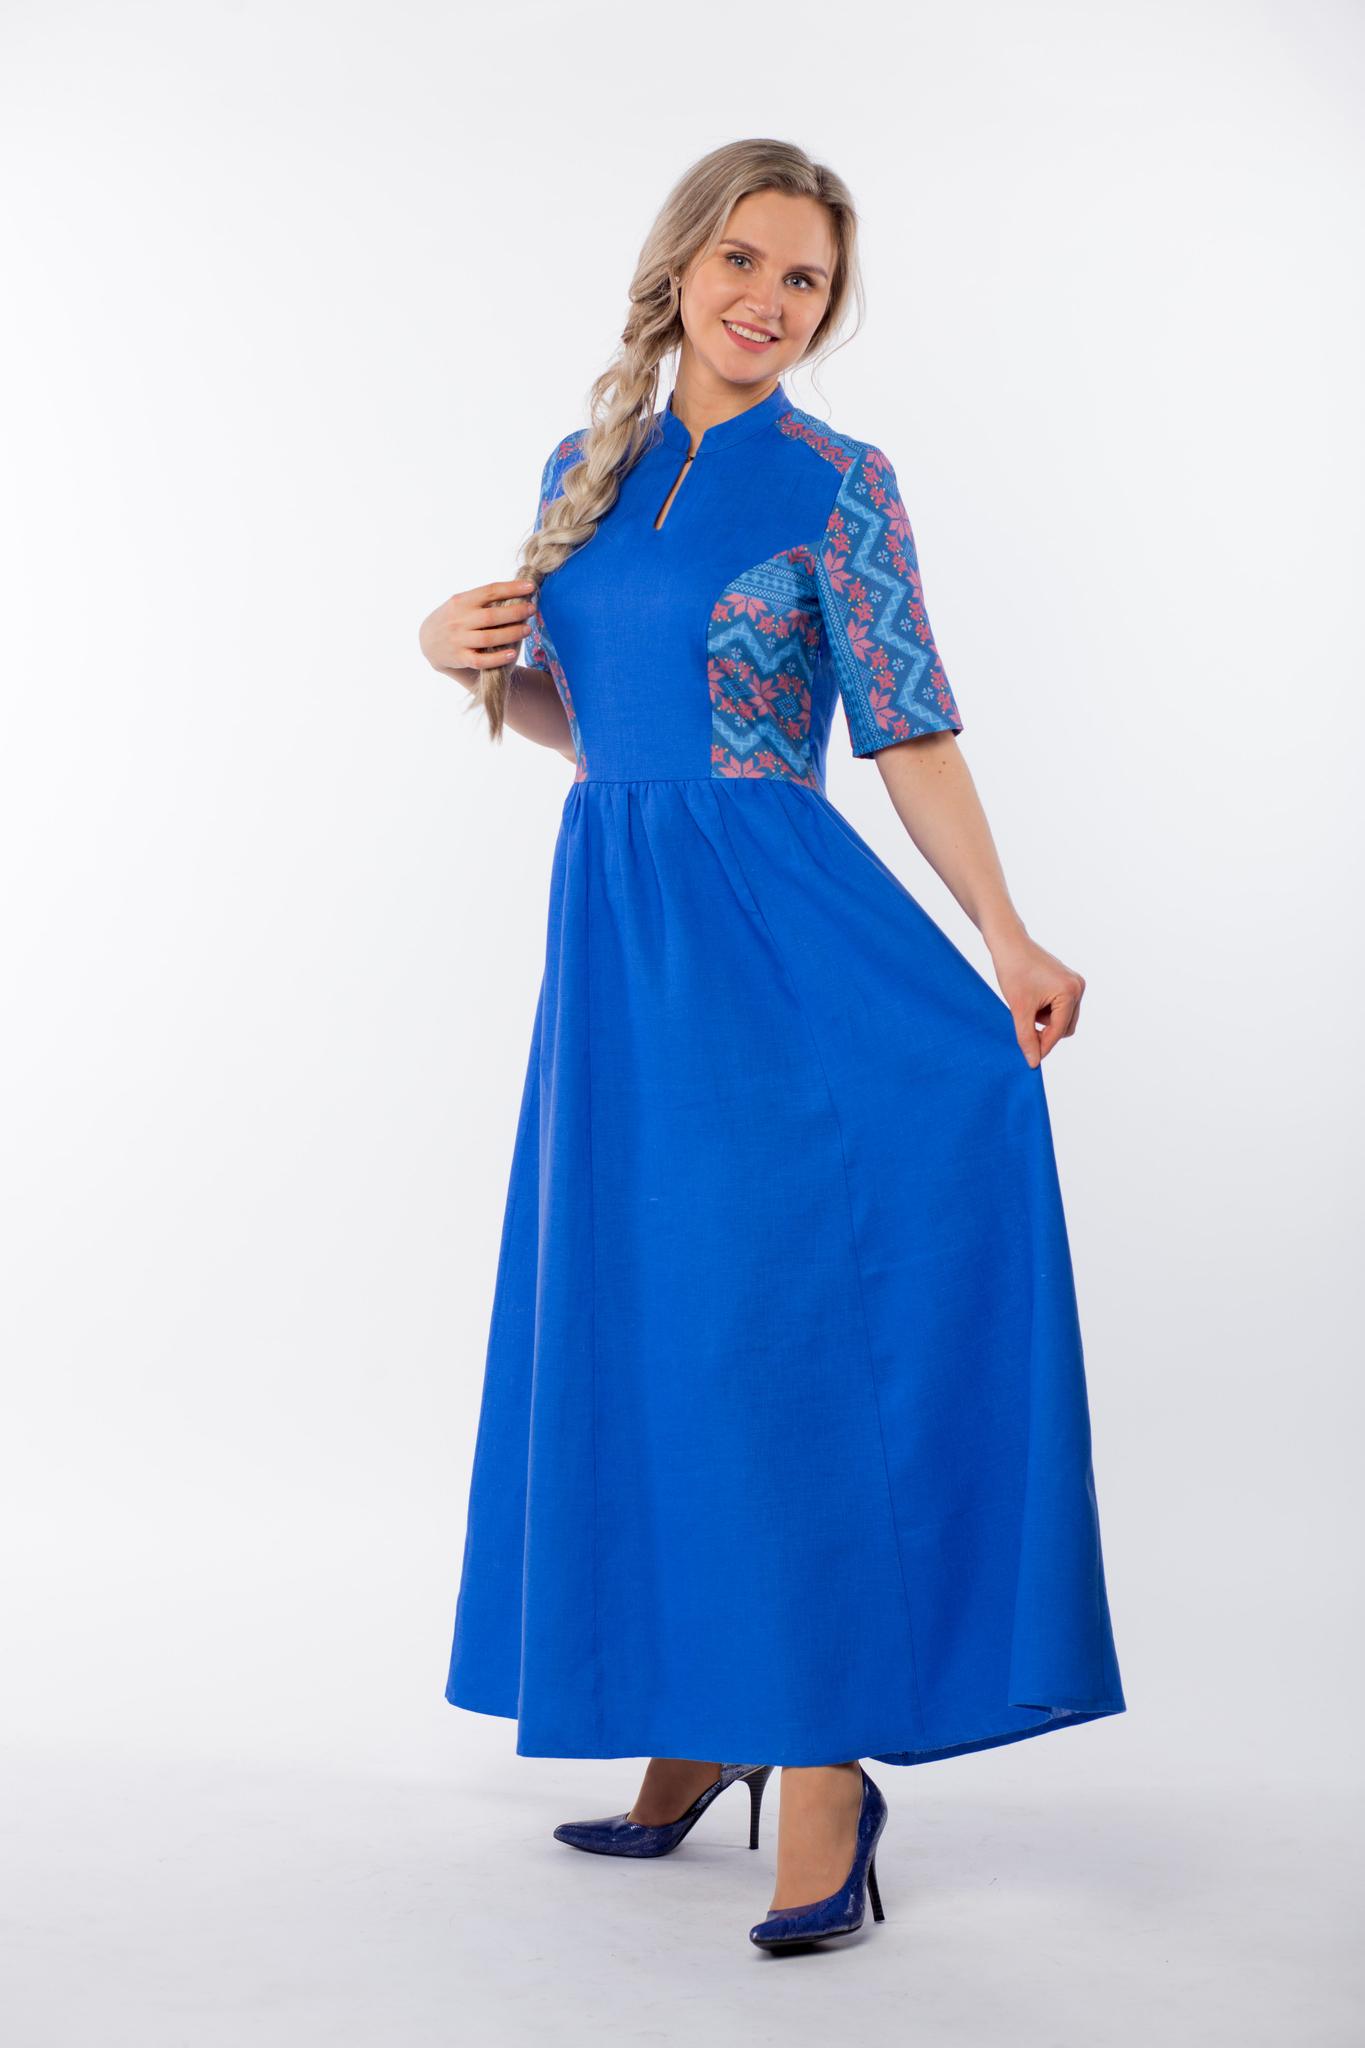 Платье Вольная вода макси вид сбоку без пояса